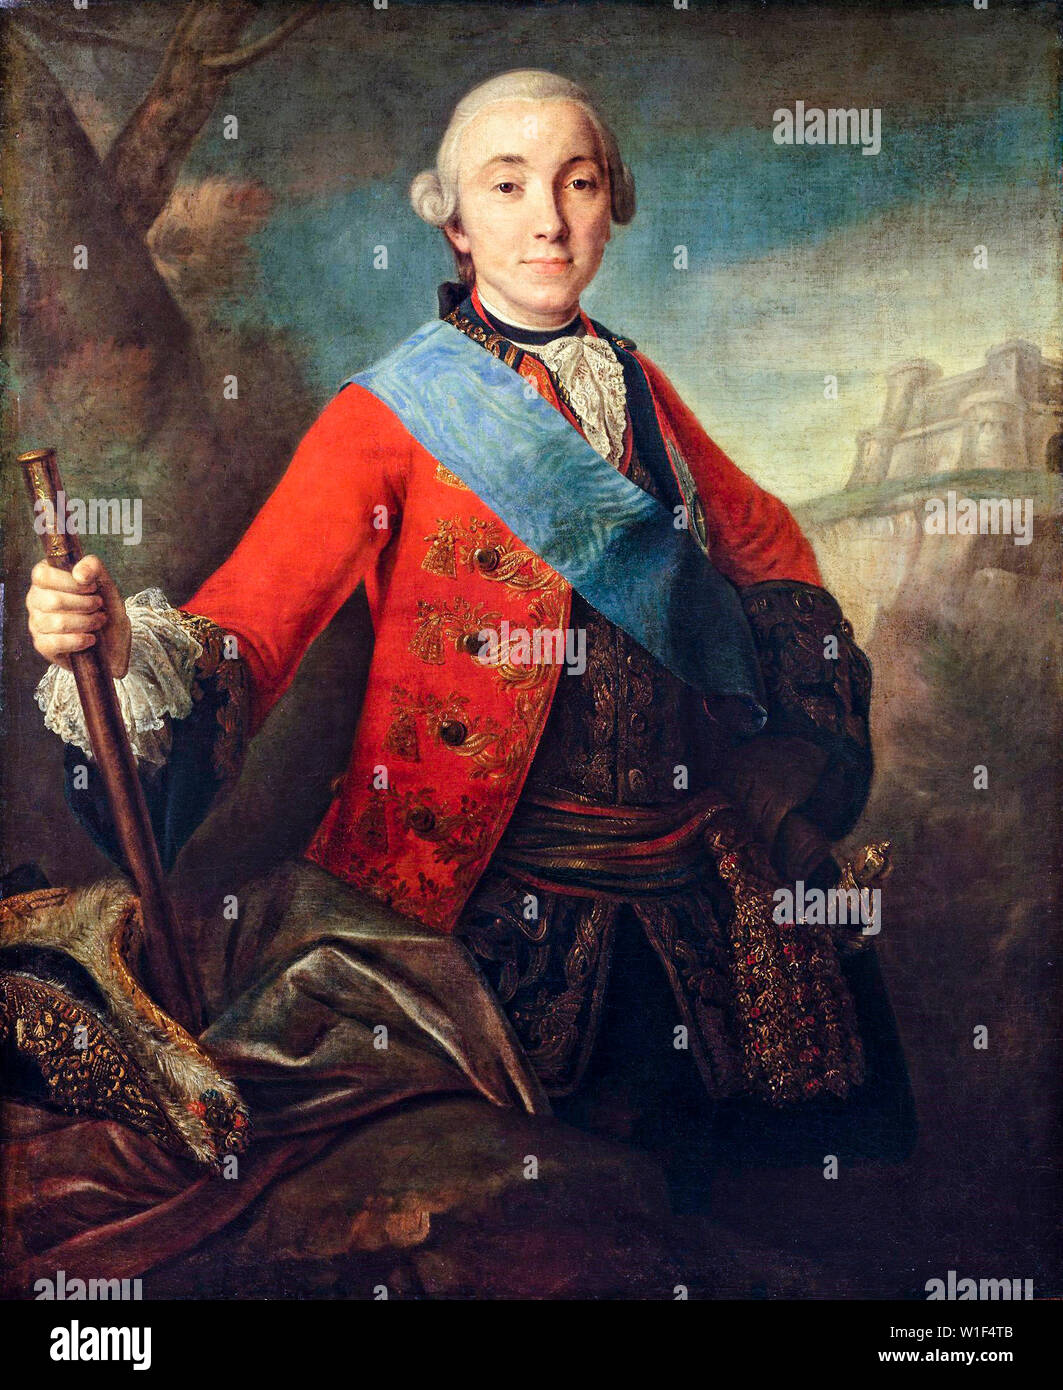 Fyodor Rokotov, Peter III, Emperor of Russia, 1728-1762, portrait painting, 1758 - Stock Image